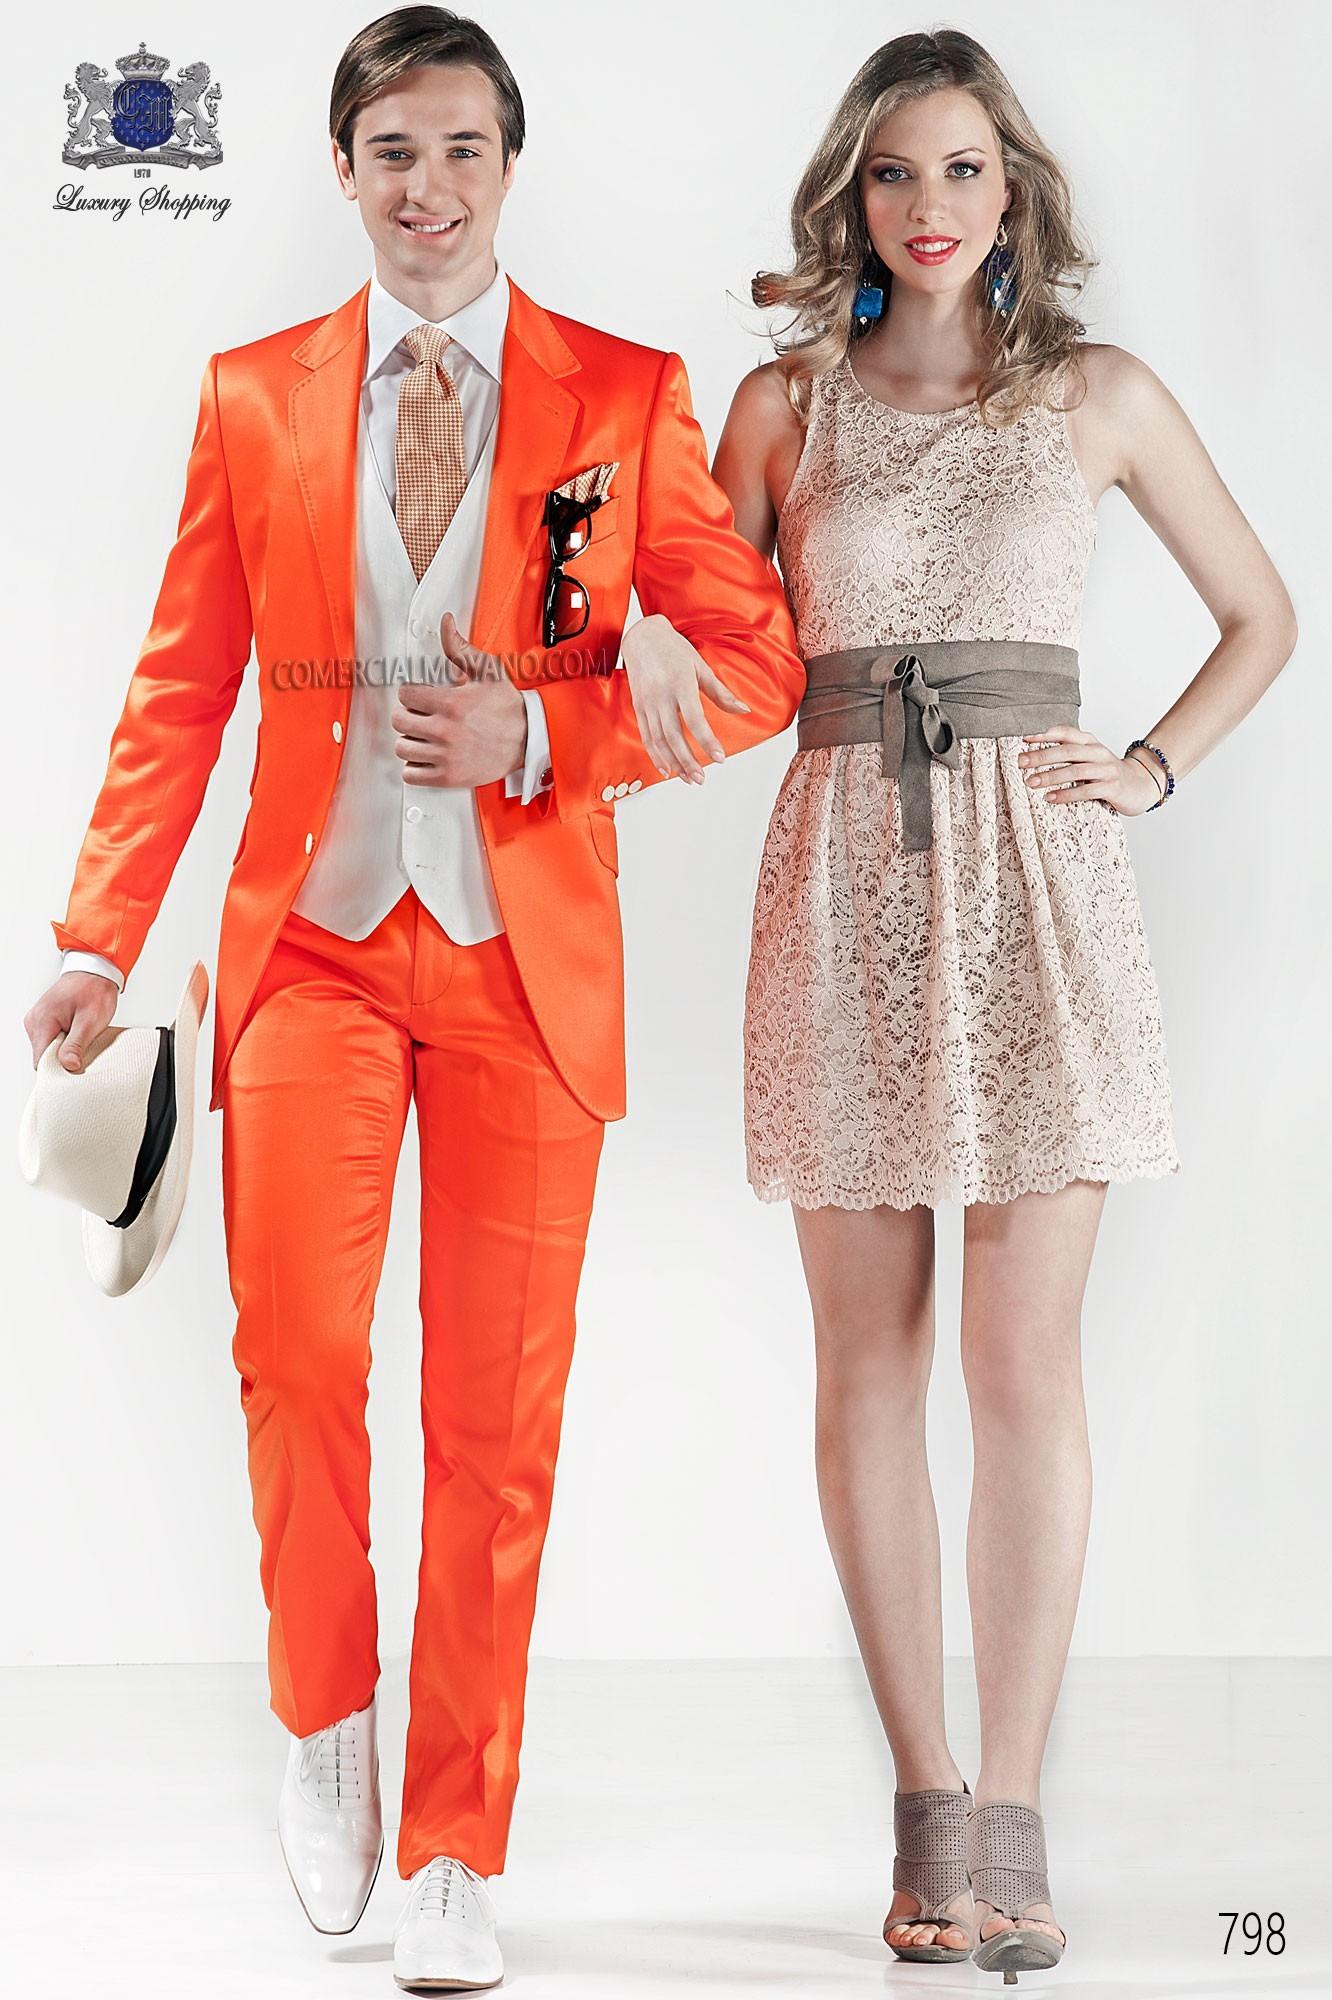 Traje de novio Hipster naranja modelo: 798 Ottavio Nuccio Gala colección Hipster 2017